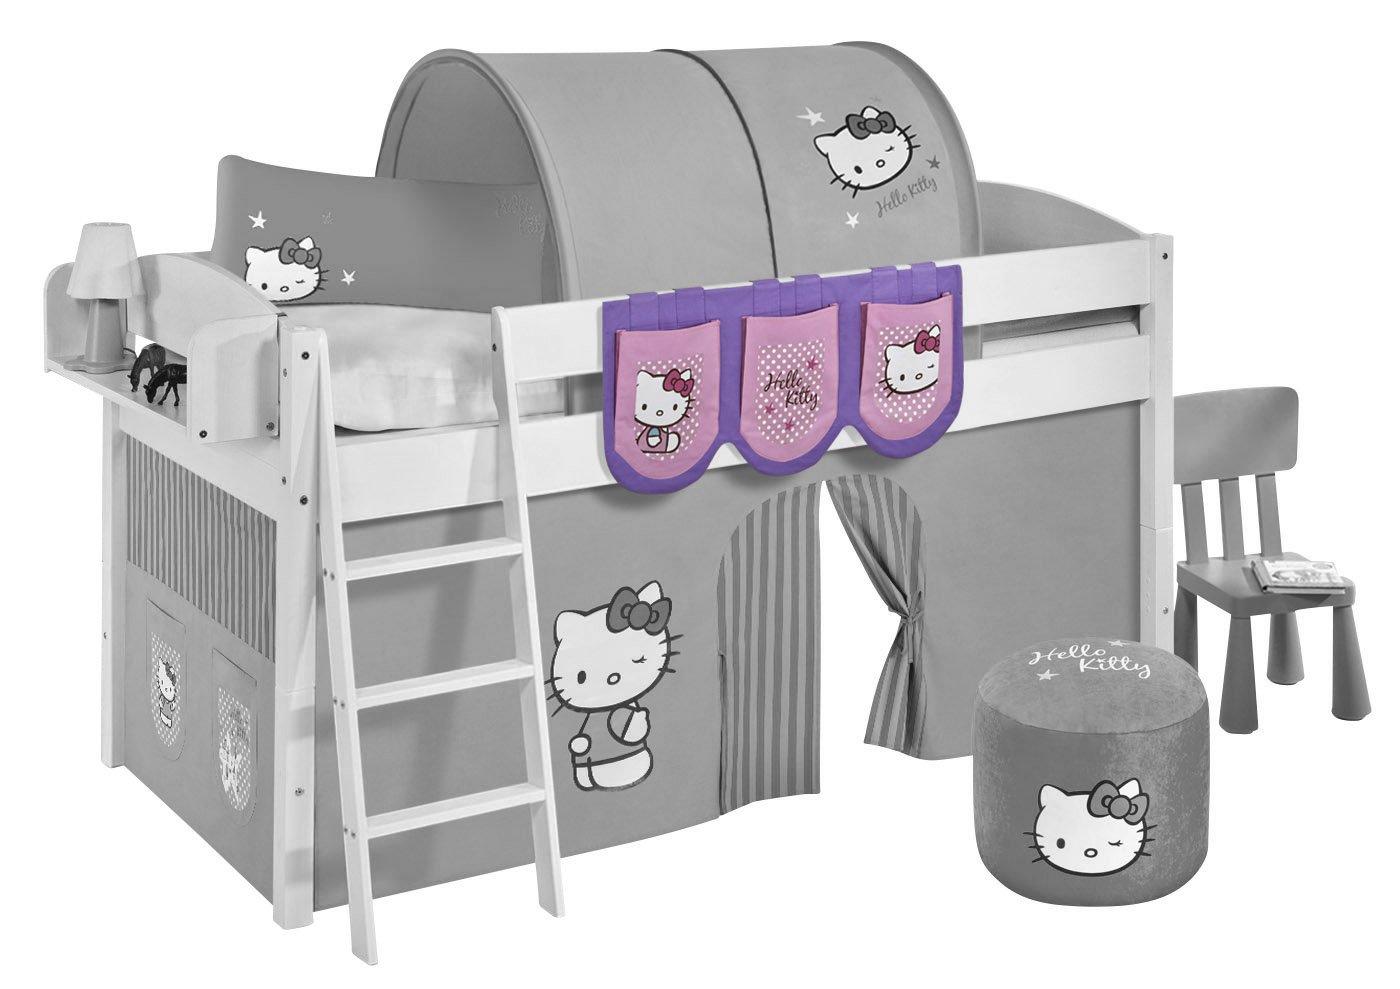 Hängetaschen Hello Kitty Lila - für Hochbett, Spielbett und Etagenbett